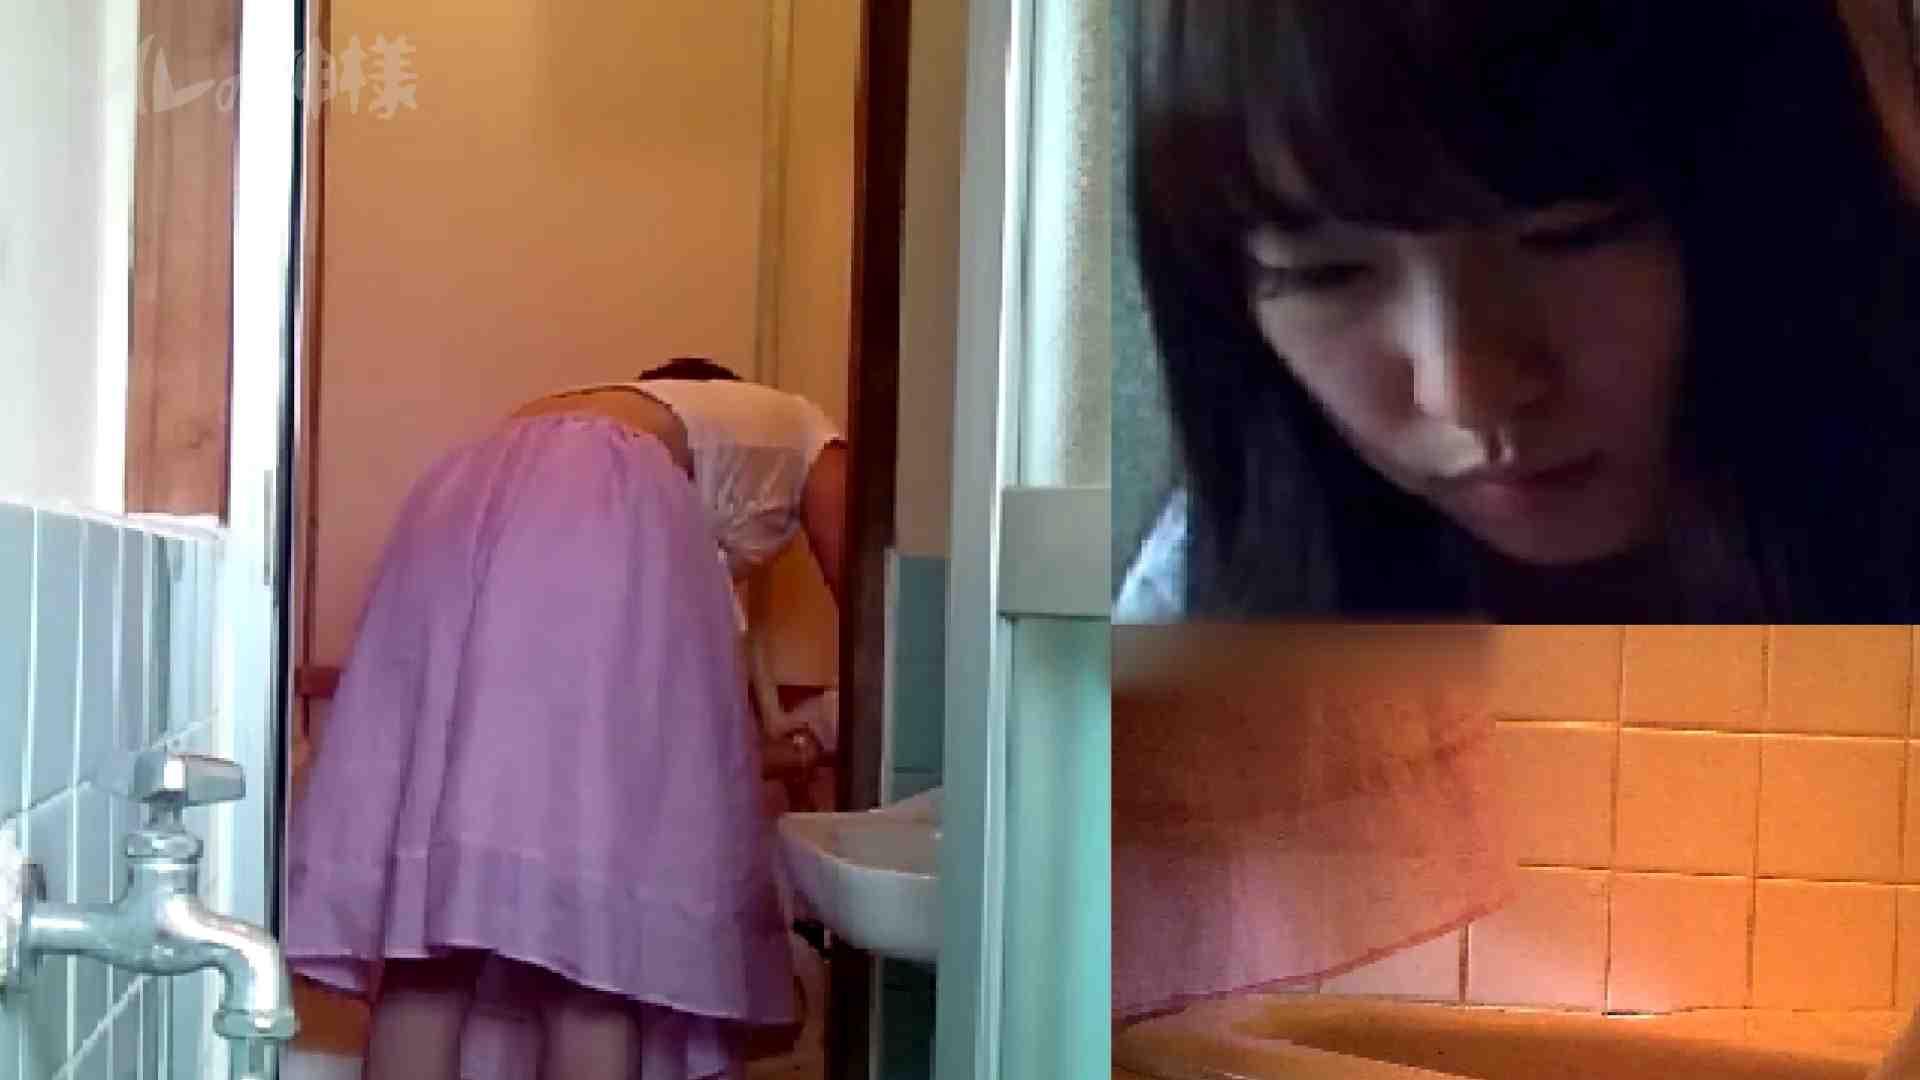 トイレの神様 Vol.09 美女のGEBOきれいに撮っています 高画質動画 おまんこ無修正動画無料 49画像 46